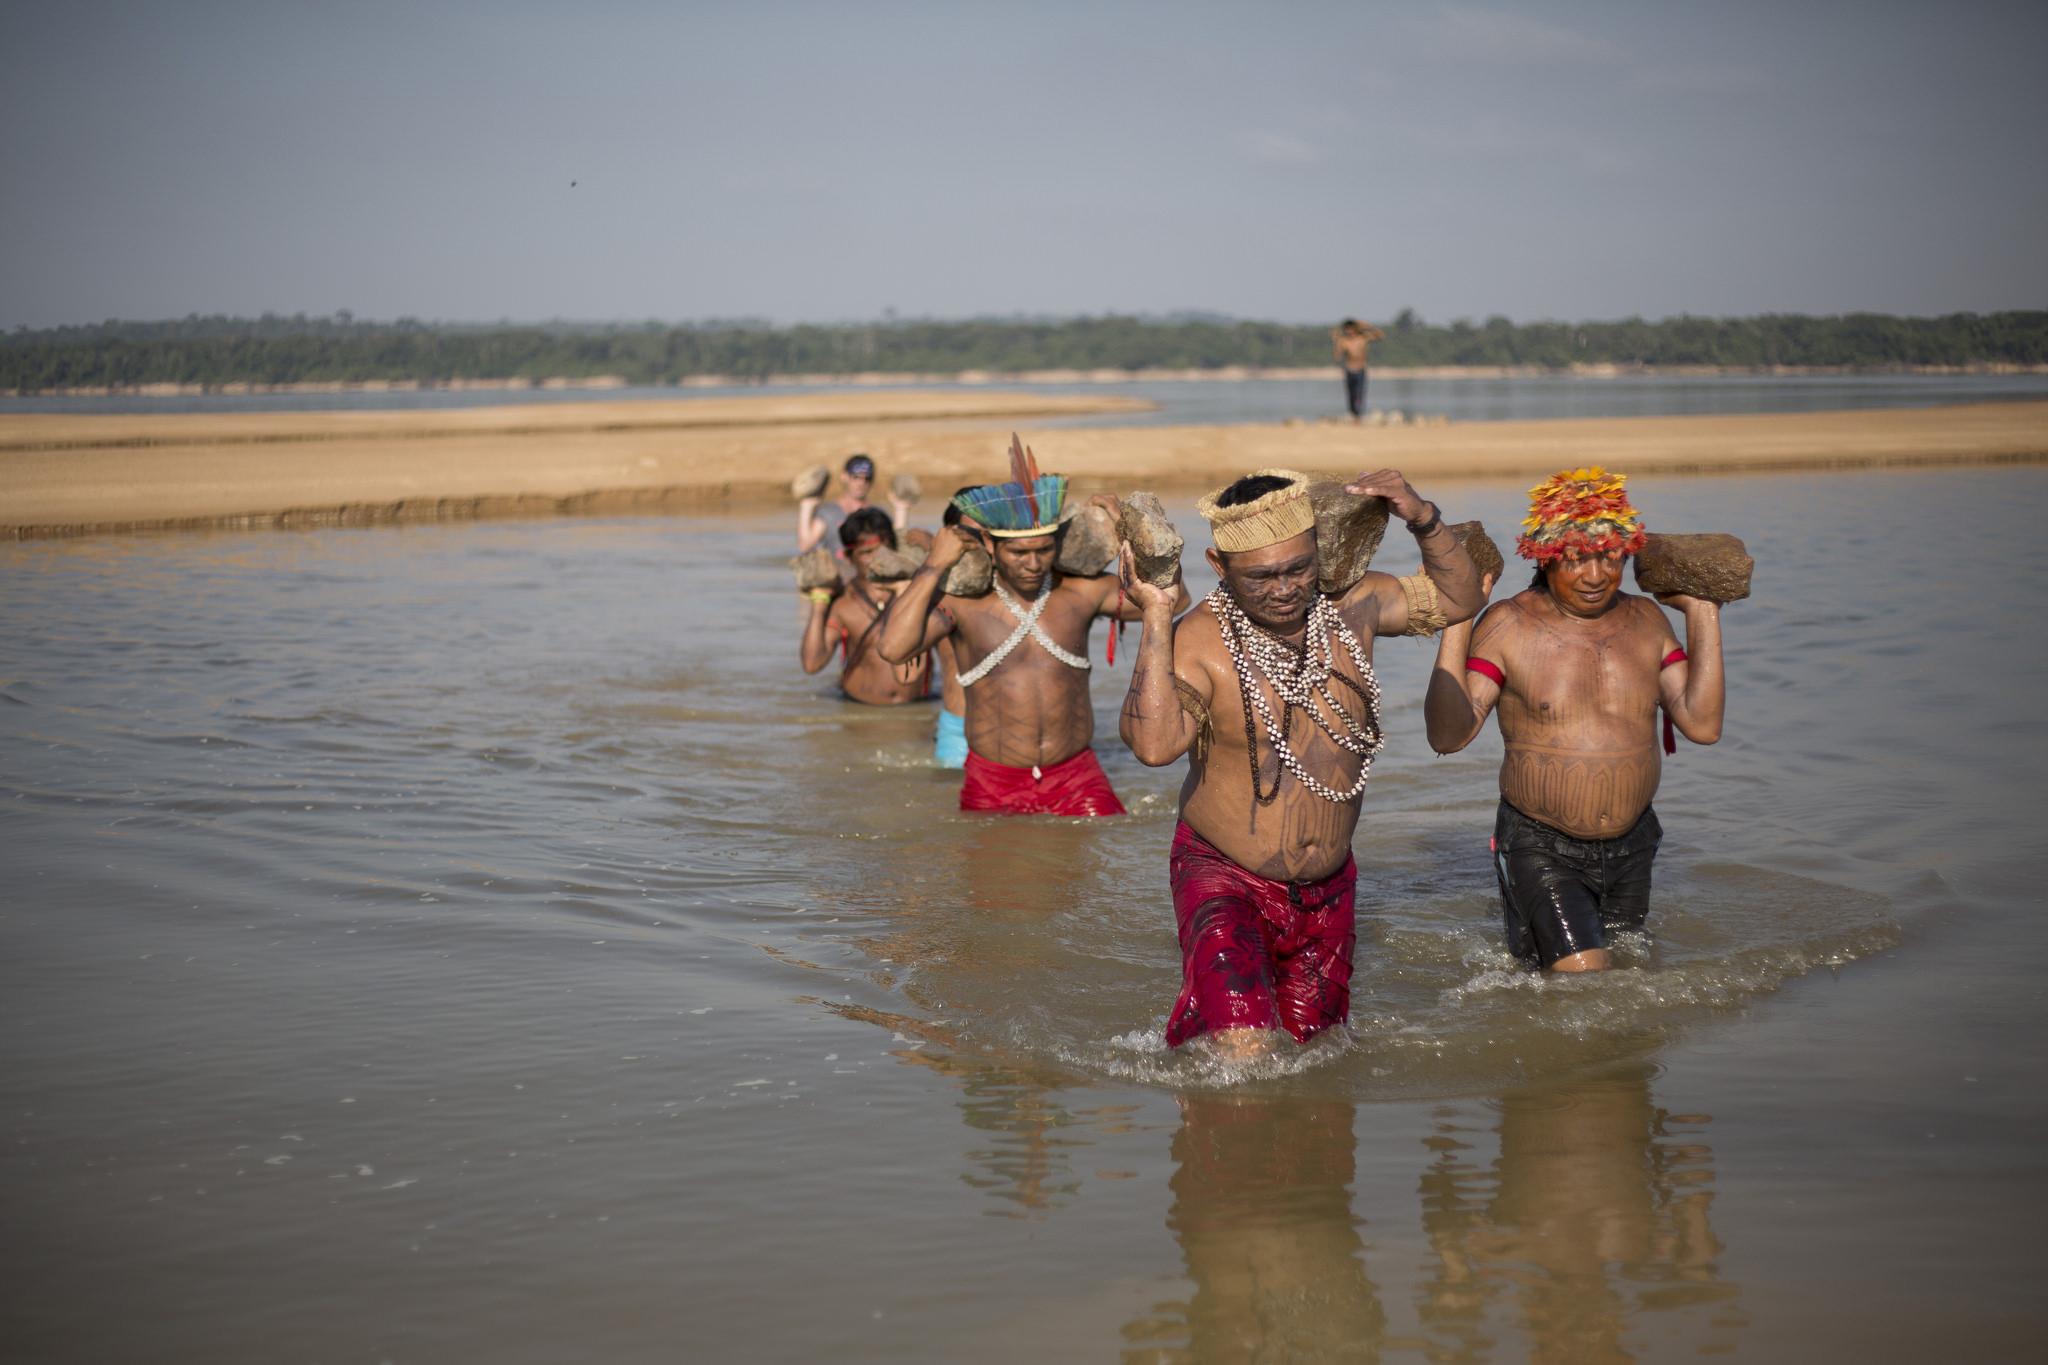 A Hidrelétrica de São Luiz do Tapajós: 10 – A perda de locais sagrados dos Munduruku